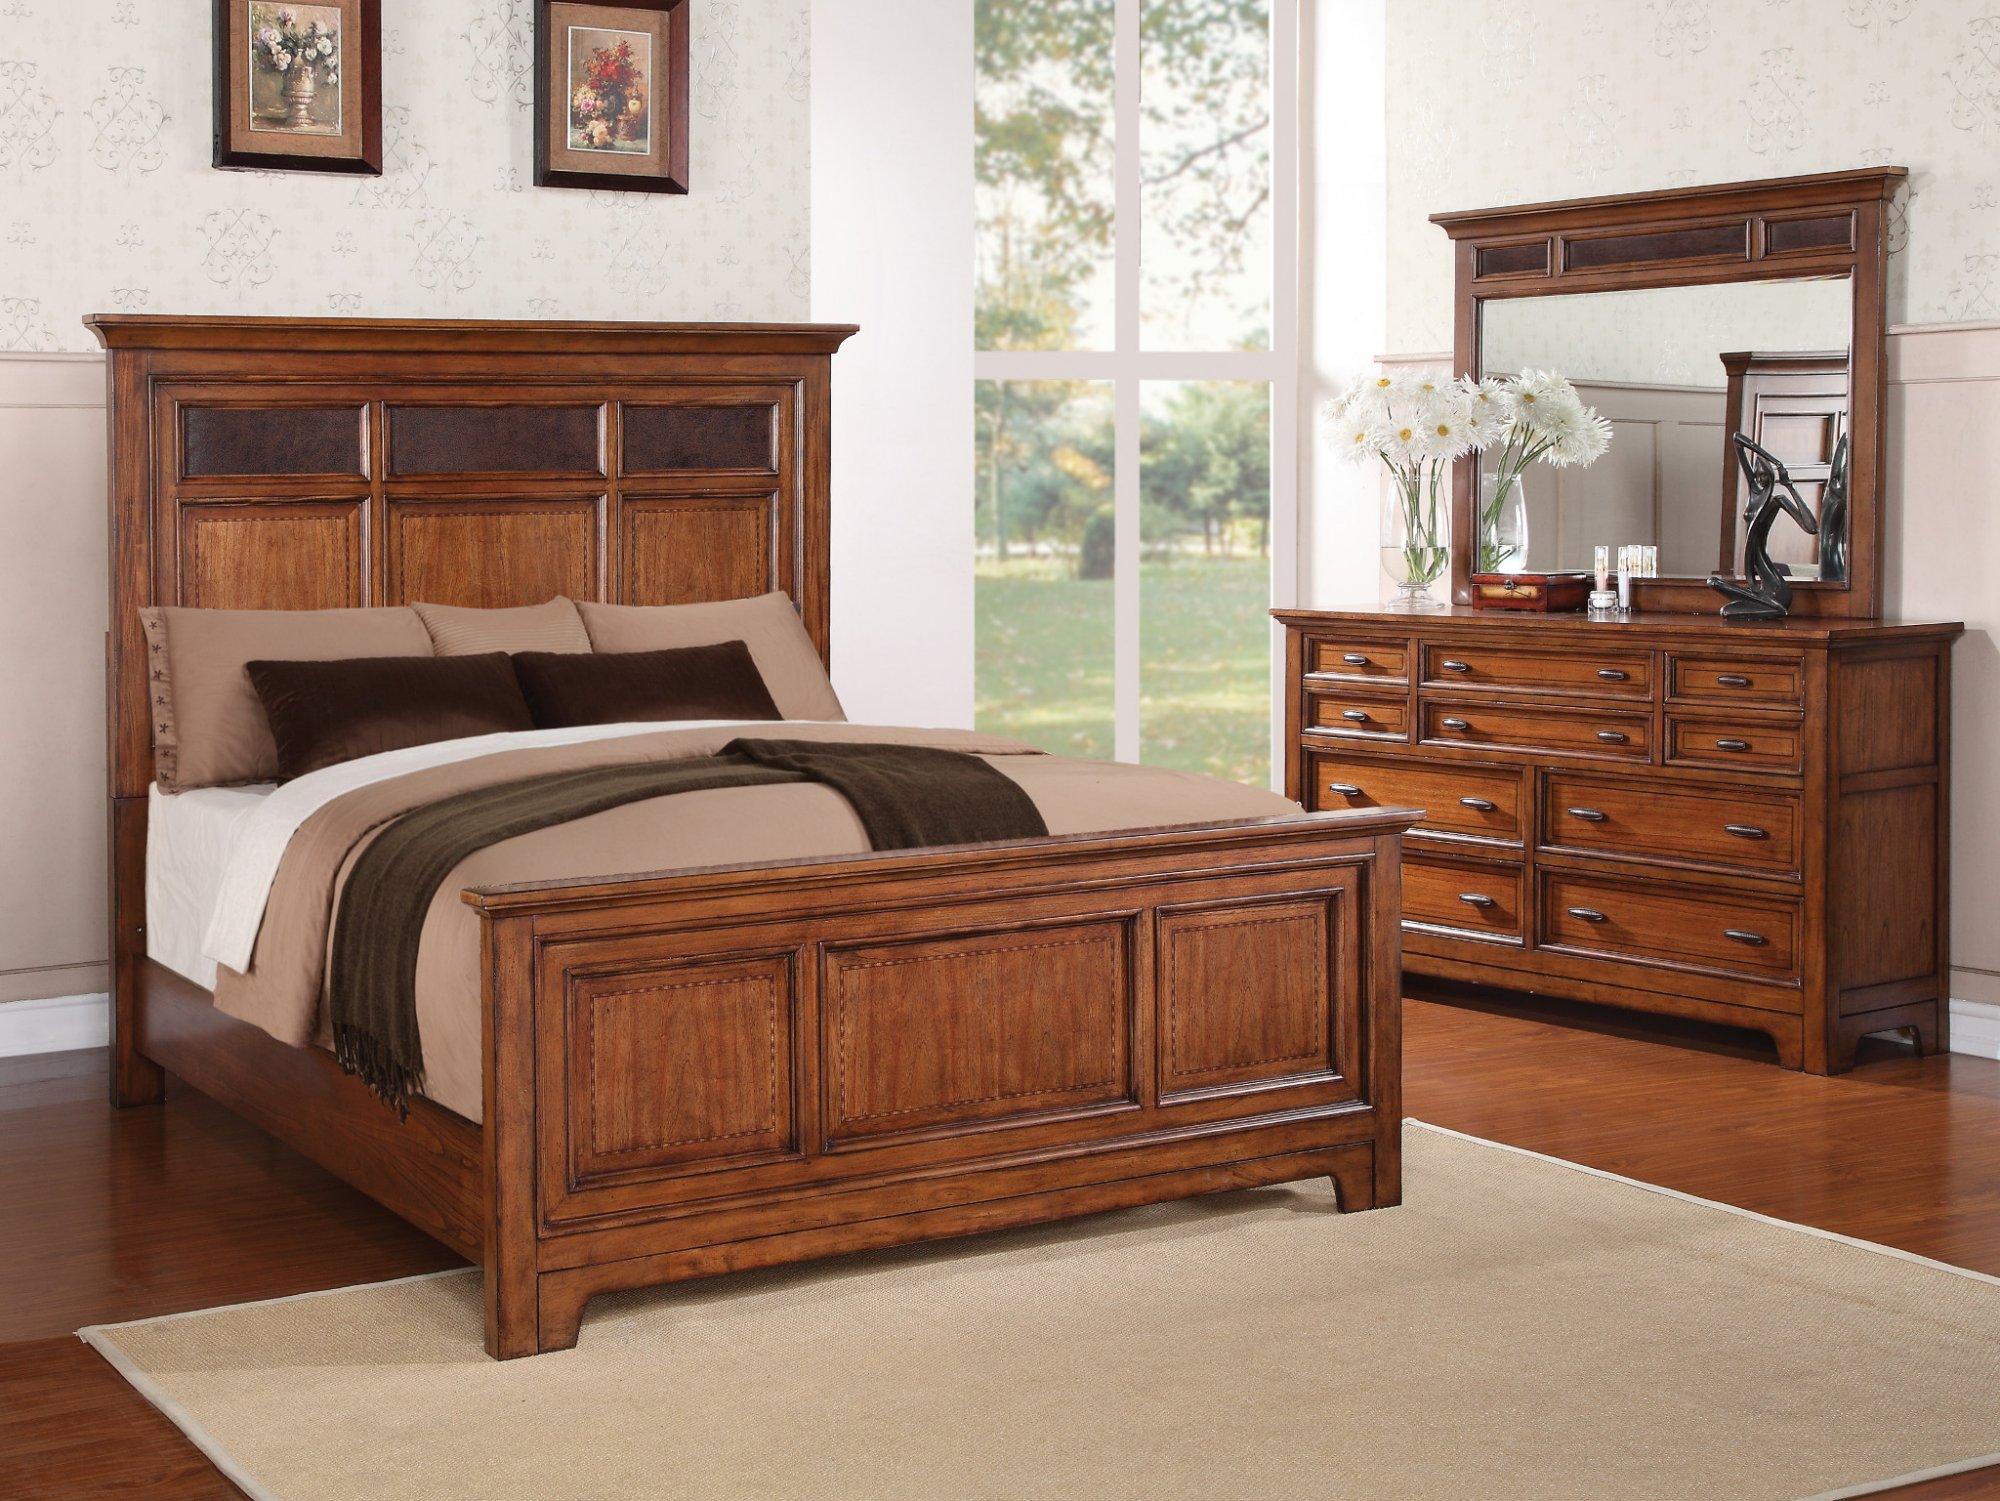 Model: W1572-90Q | Flexsteel River Valley  Queen Panel Bed